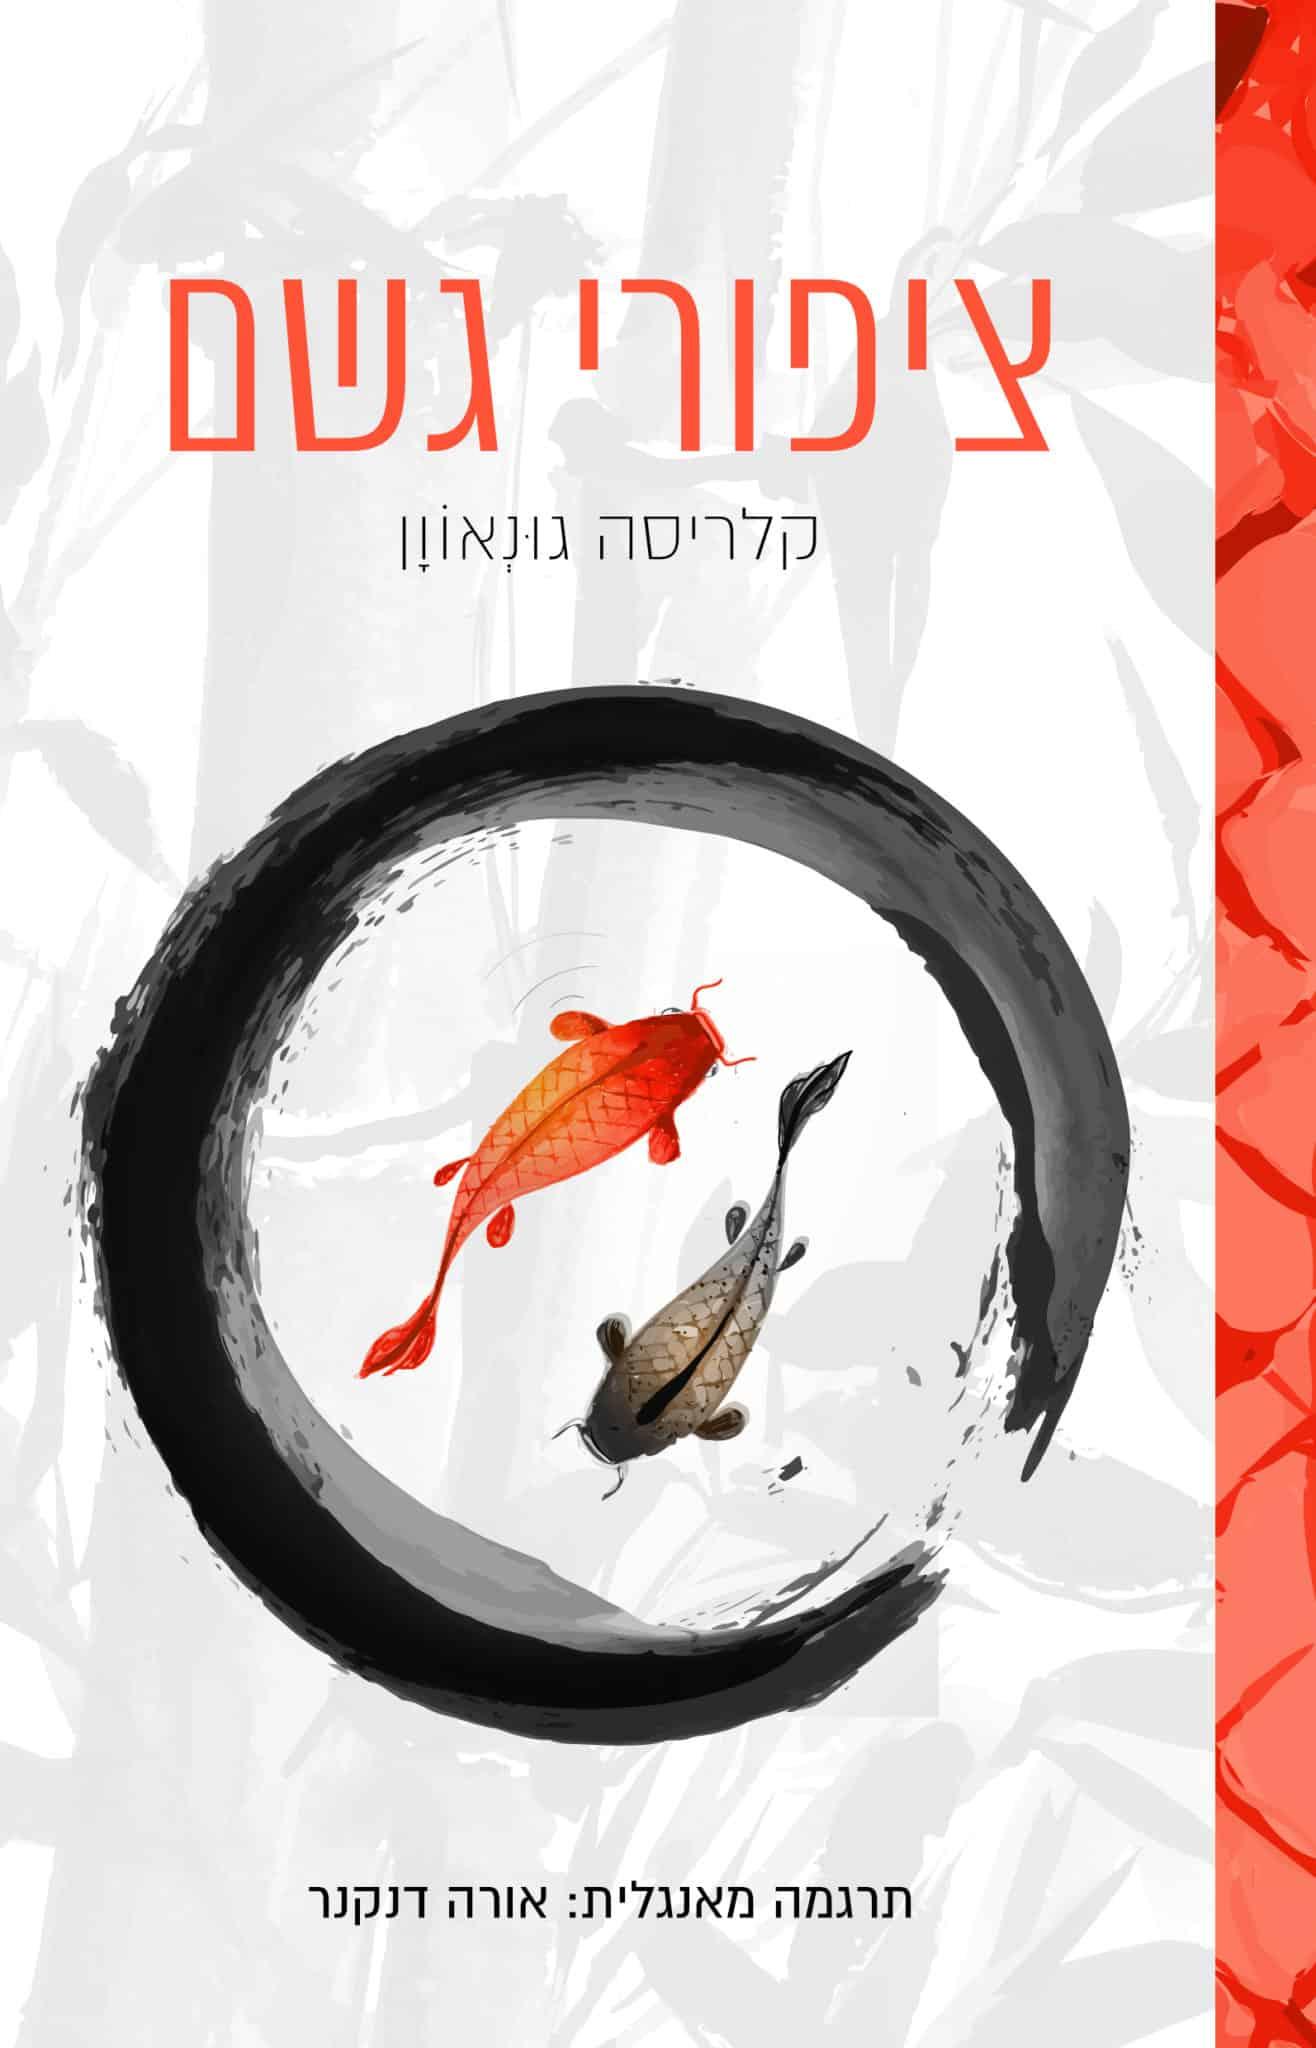 רומן מתח חדש: ציפורי גשם מאת קלריסה גוּנְאוֹוָן